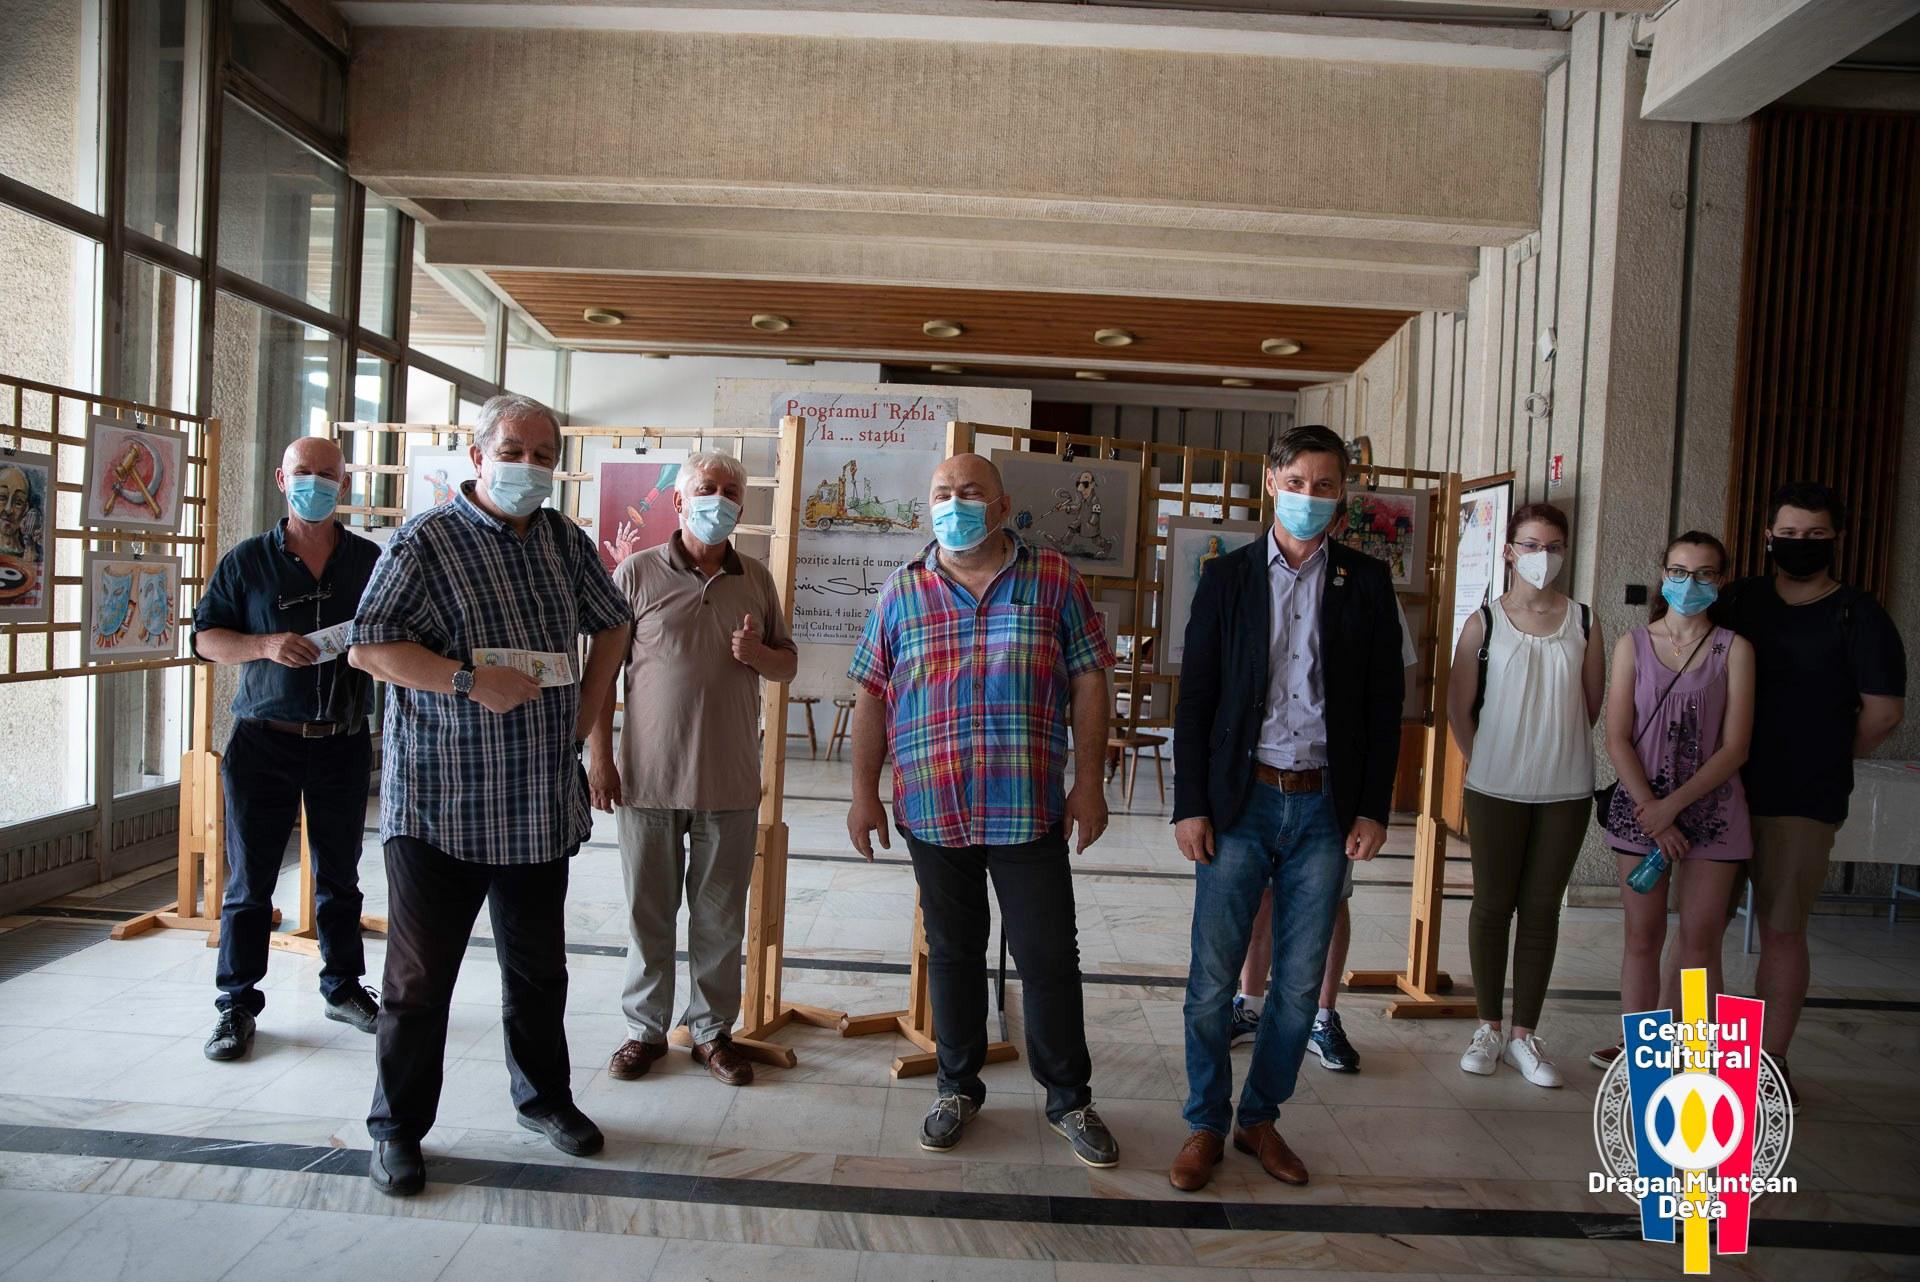 FOTO| Expoziţie de umor grafic, vernisată la Centrul Cultural din Deva